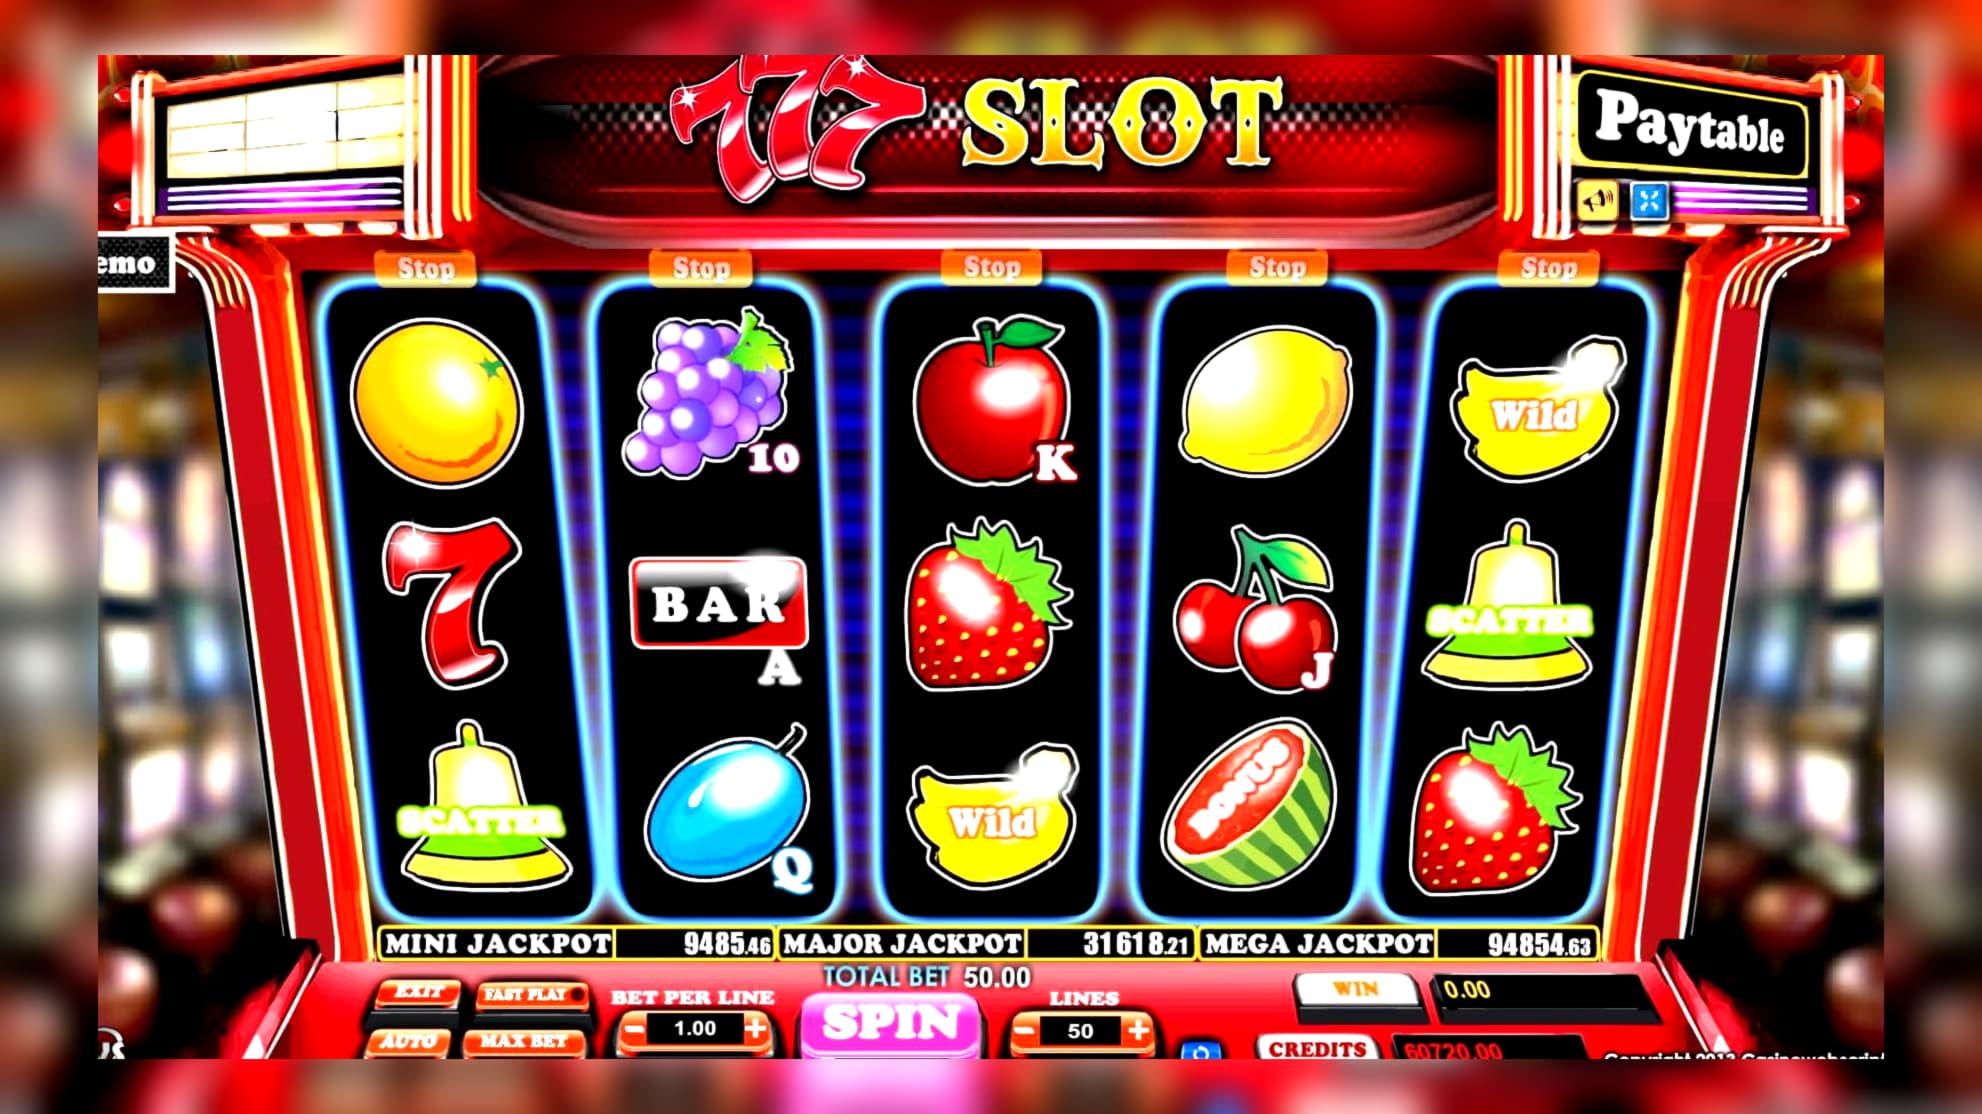 $ 370 ชิปคาสิโนฟรีที่ Vegas Crest Casino